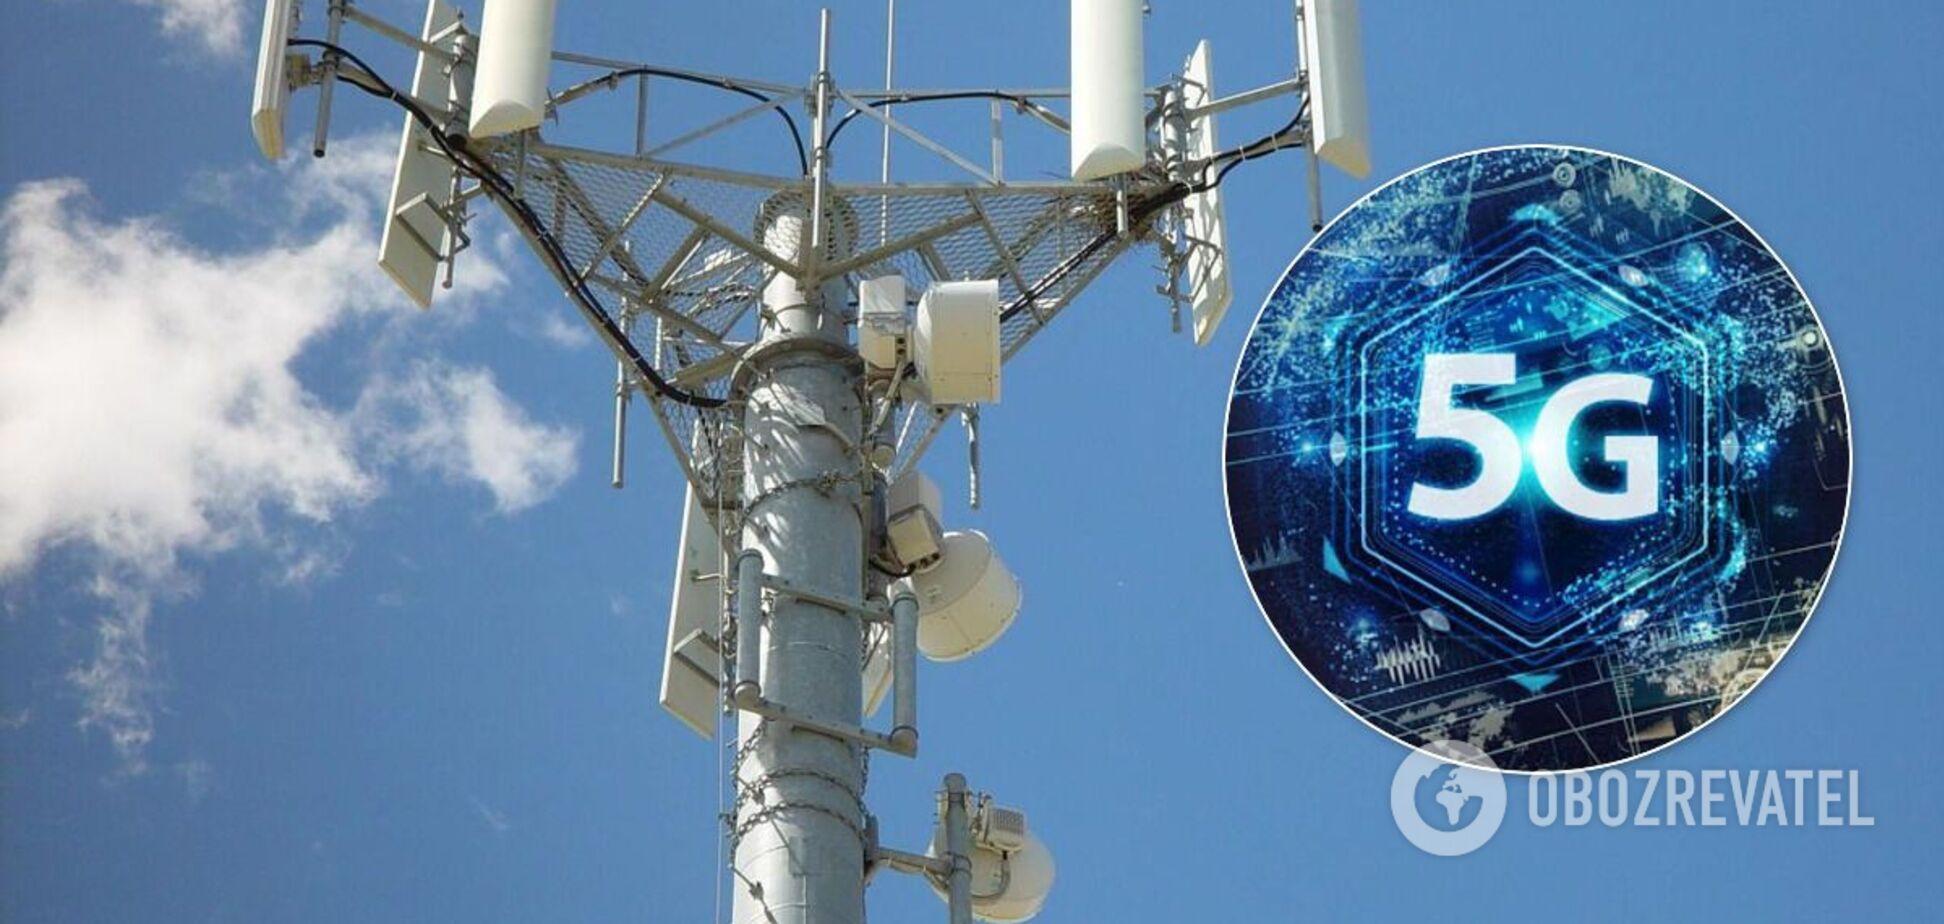 Мобільні оператори розповіли, коли запустять 5G в Україні